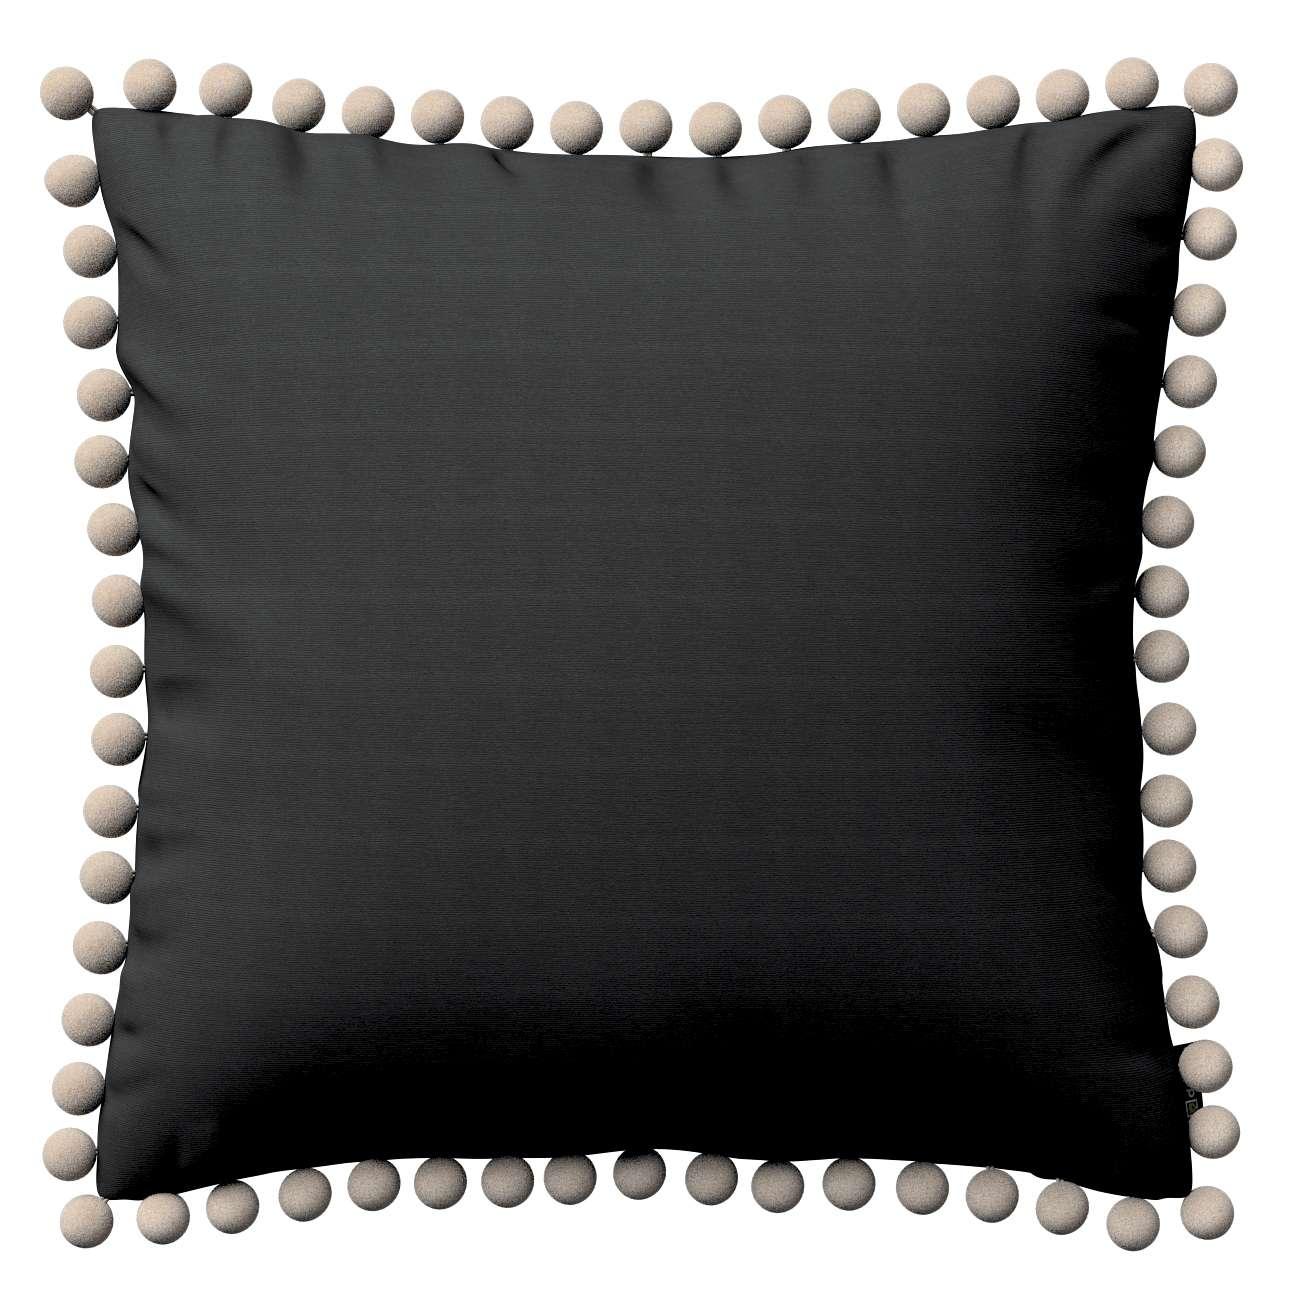 Wera dekoratyvinės pagalvėlės su žaismingais kraštais 45 x 45 cm kolekcijoje Jupiter, audinys: 127-99